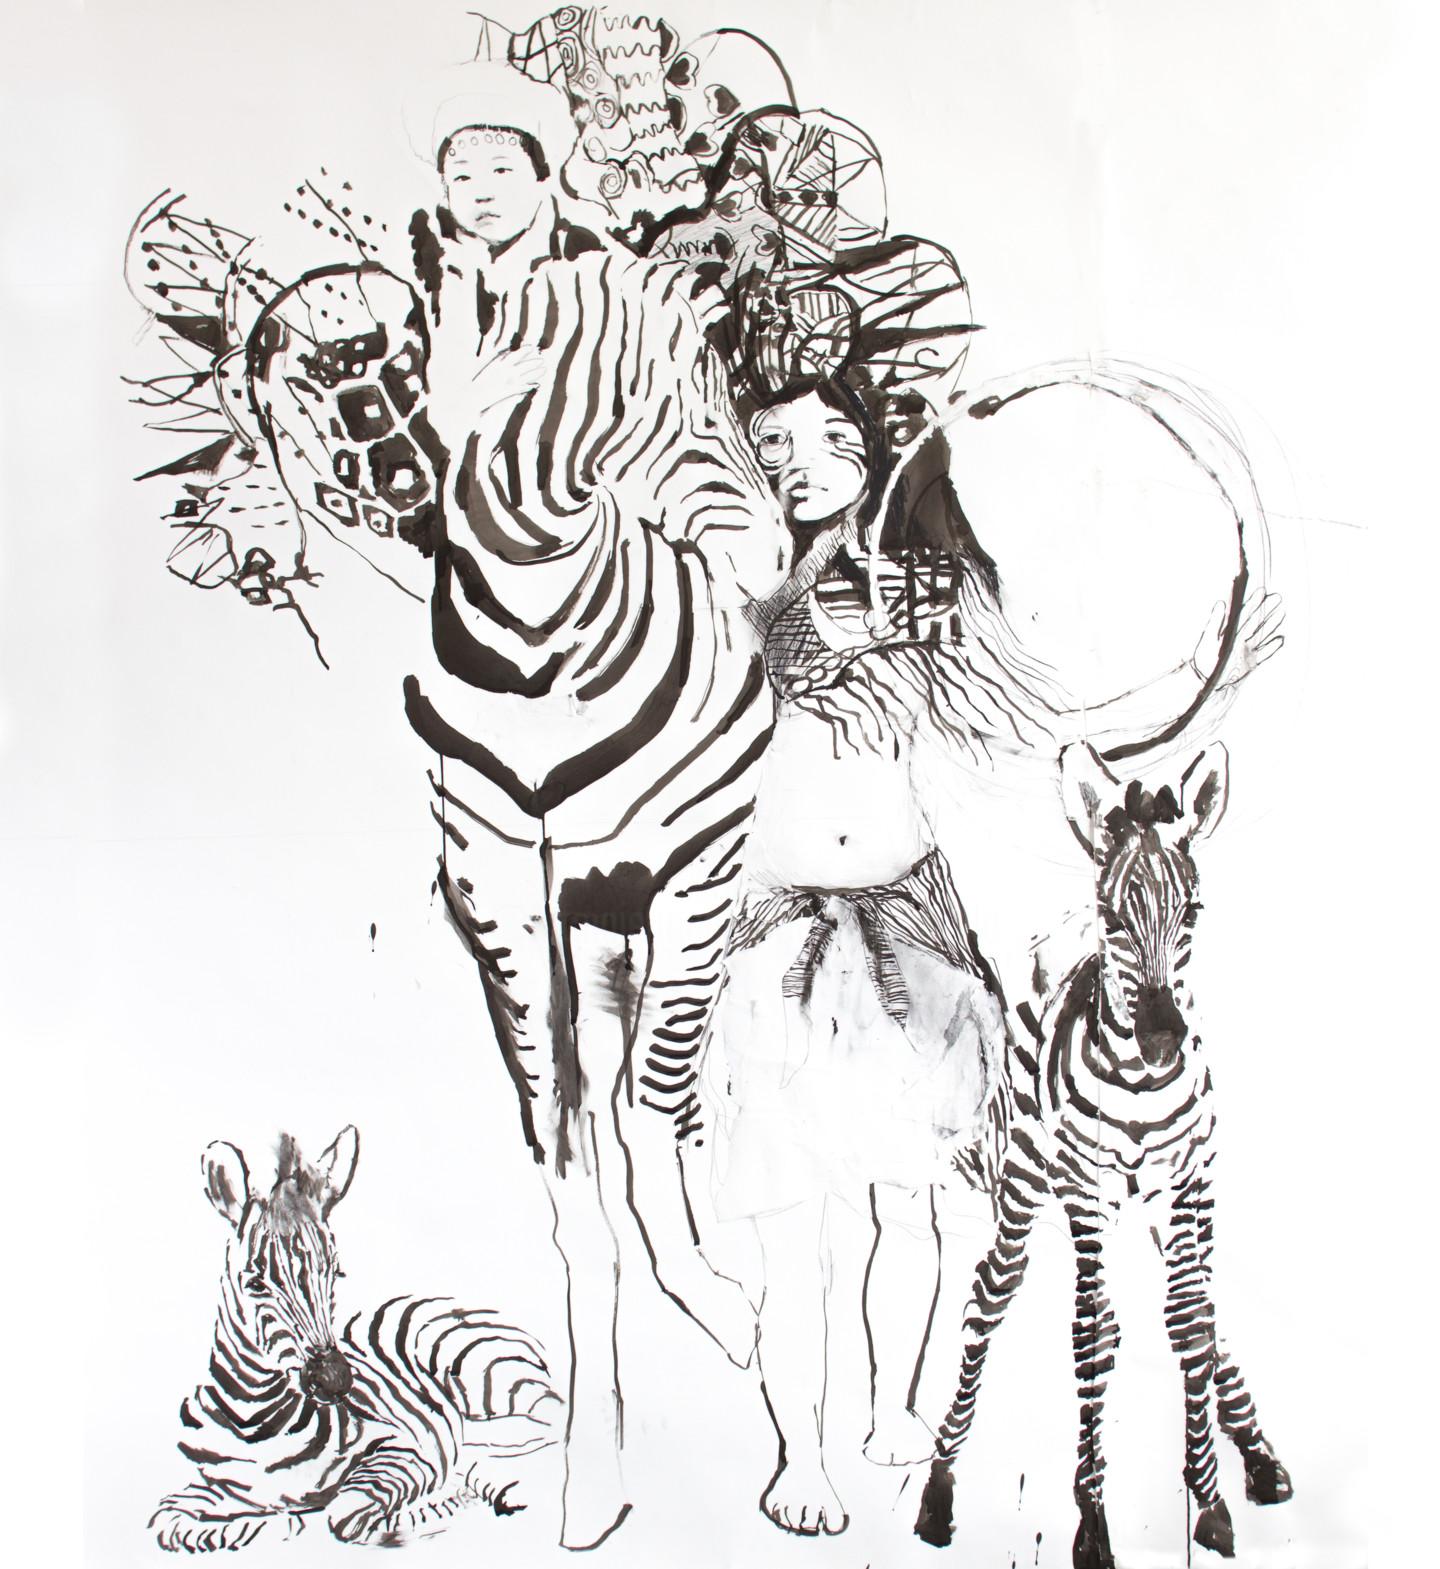 Fleur Elise Noble - Zebra Girl and Child